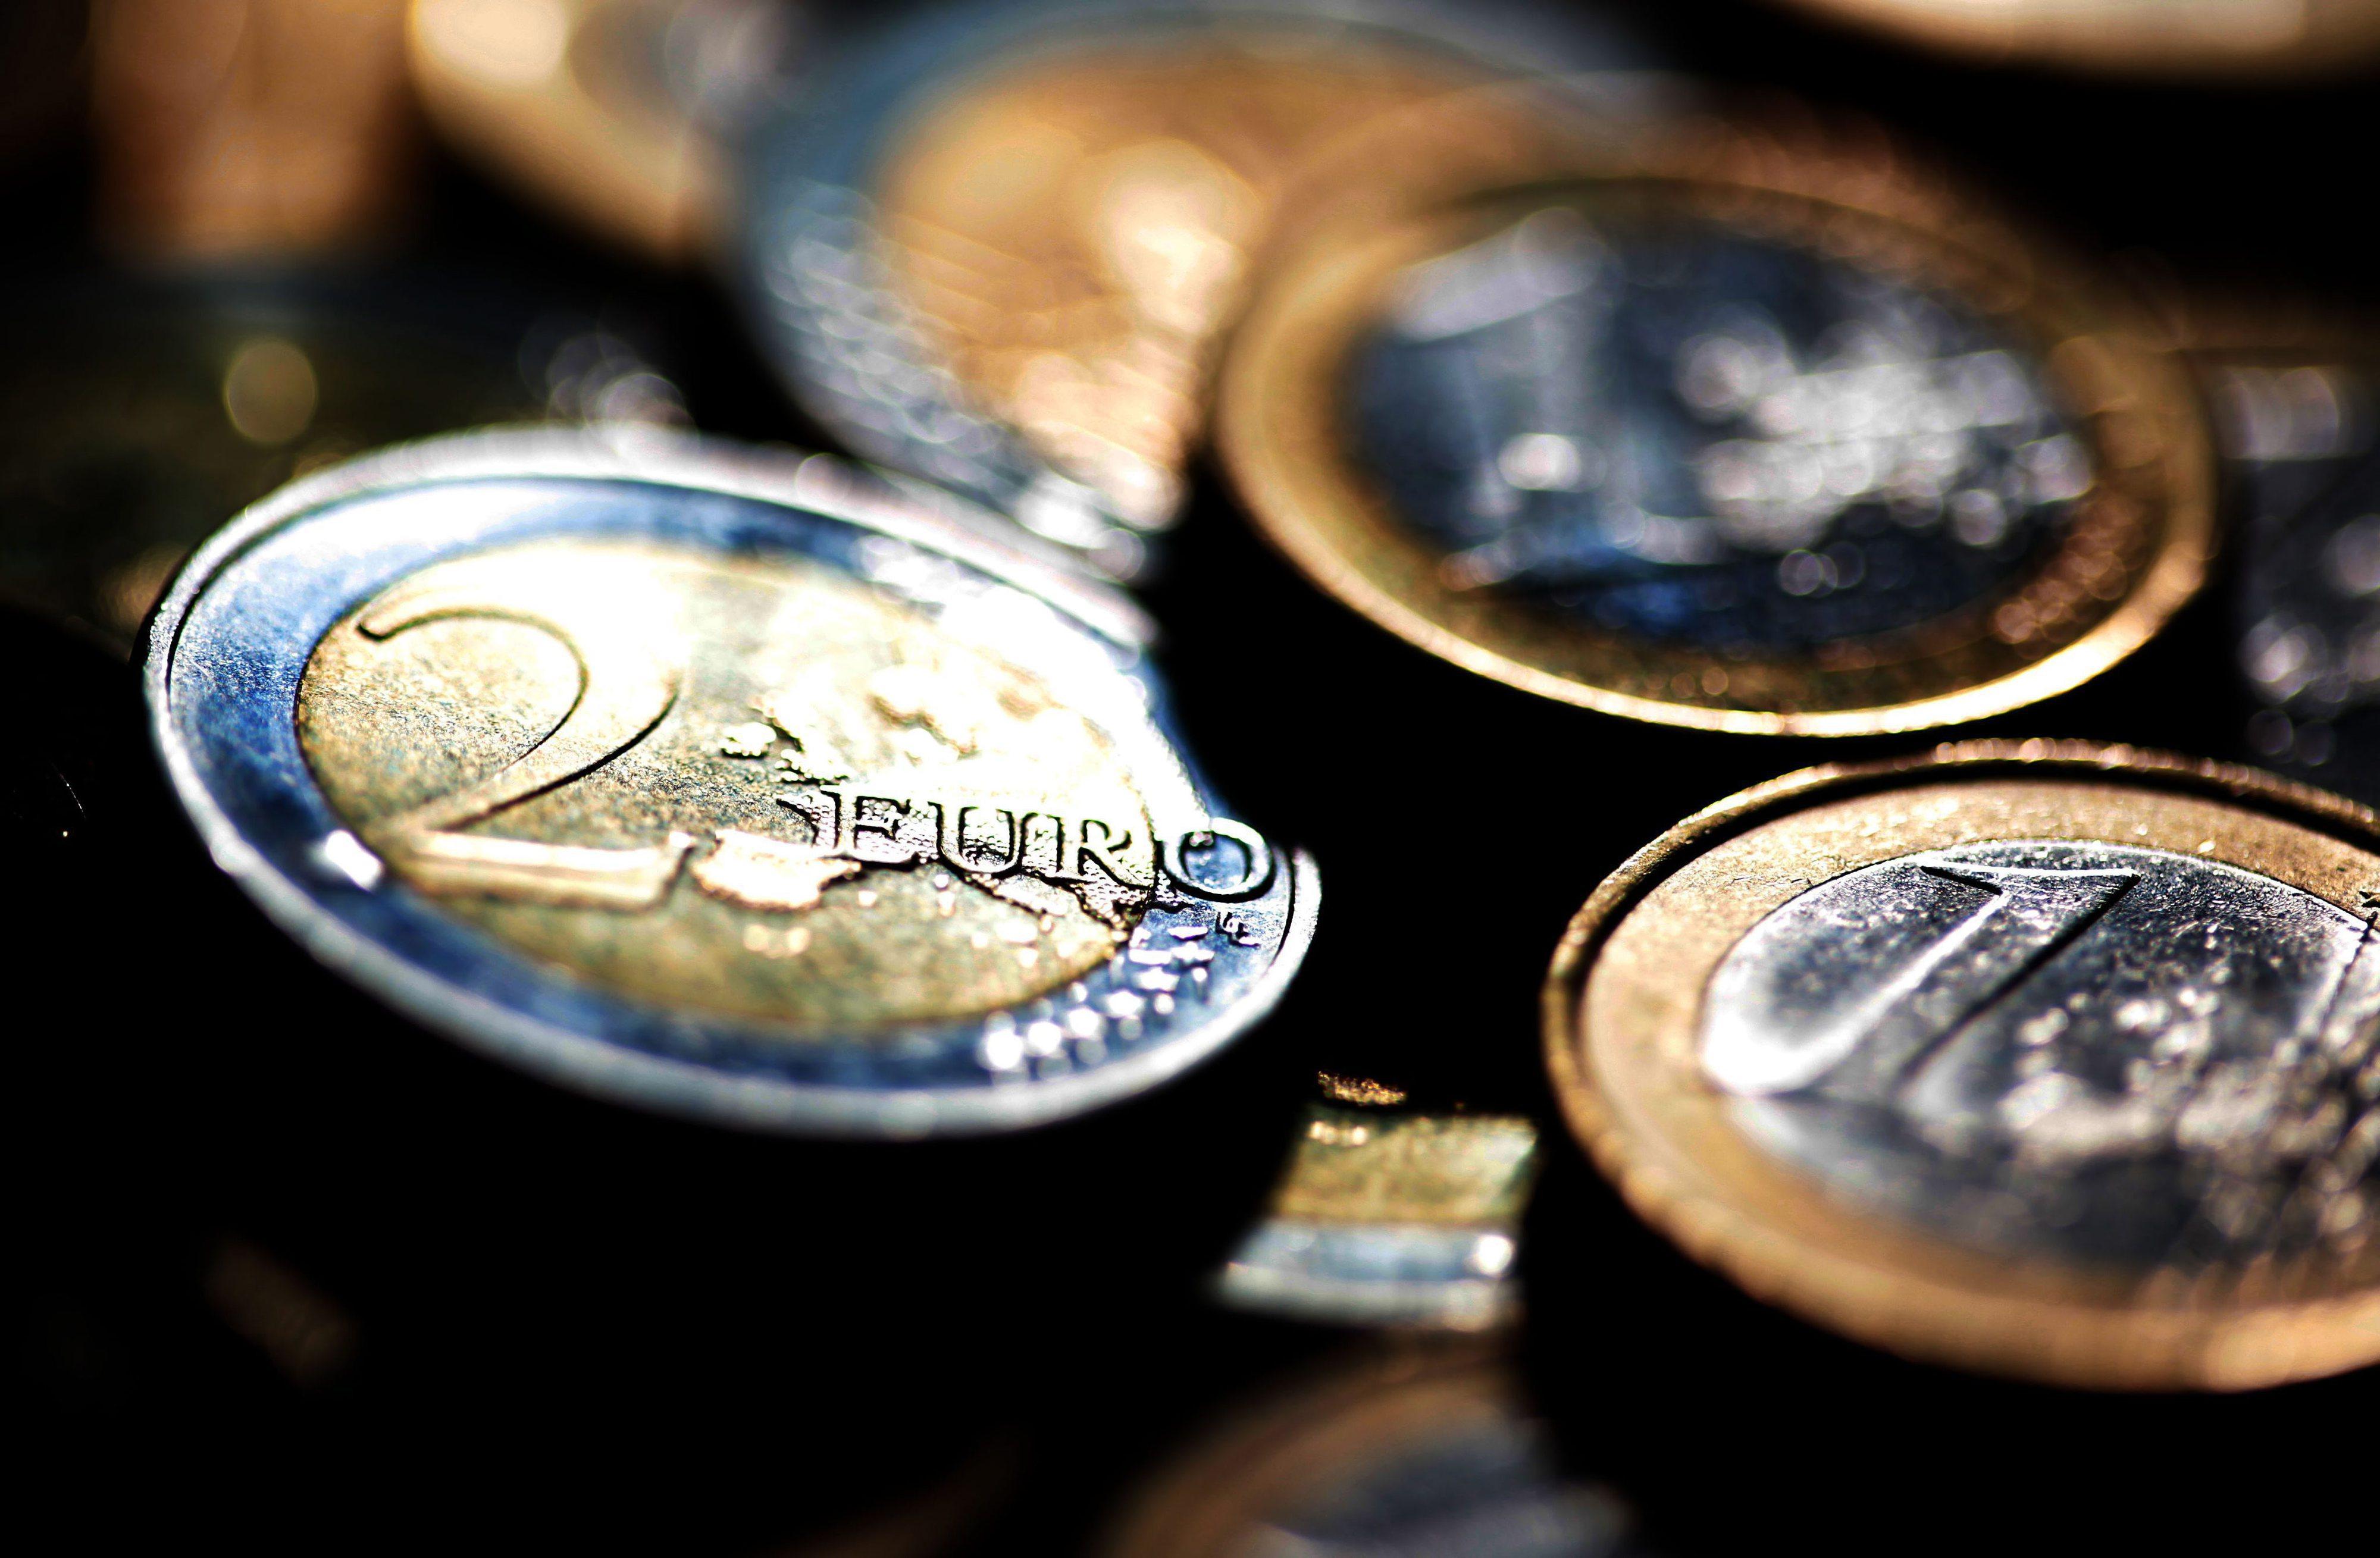 Mercado português de fusões e aquisições cresce 32% até março